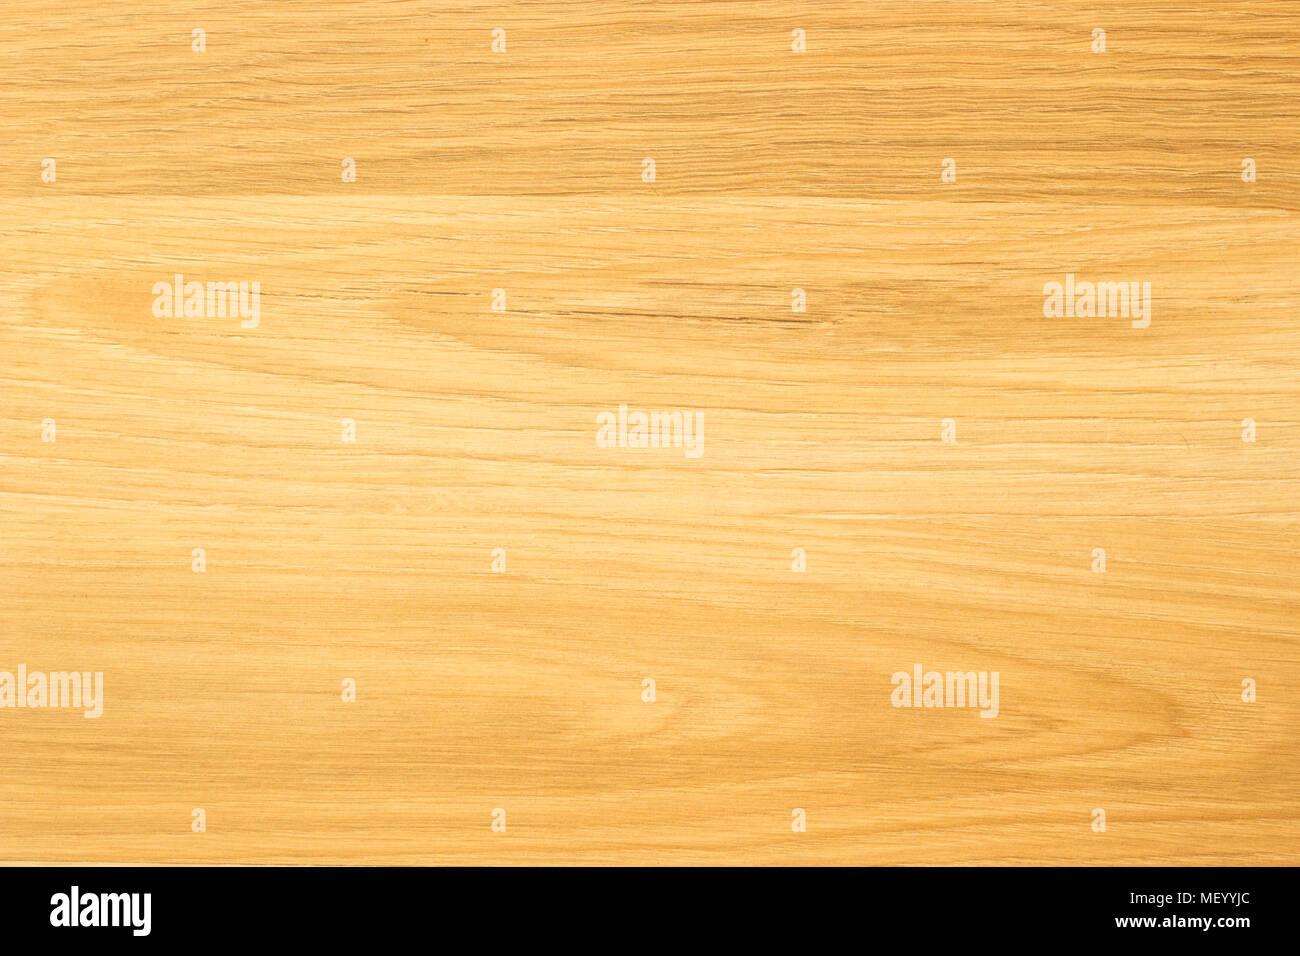 La texture du bois pour la conception et la décoration papier